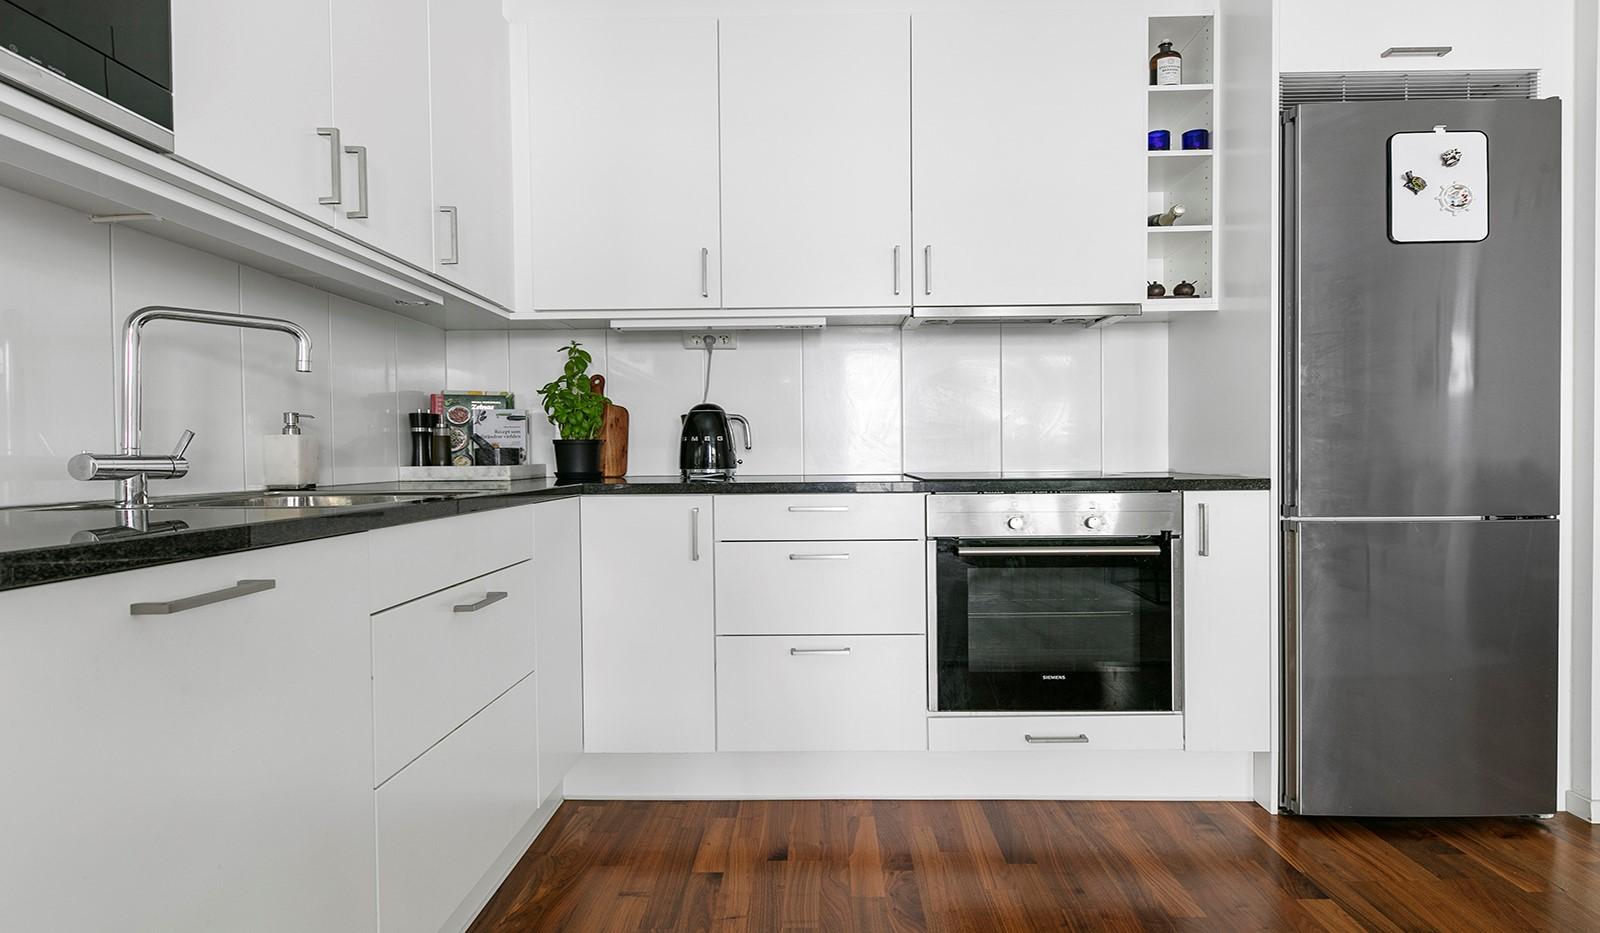 Sjöviksvägen 114, 3 tr - Köket är stilrent inrett med vita luckor